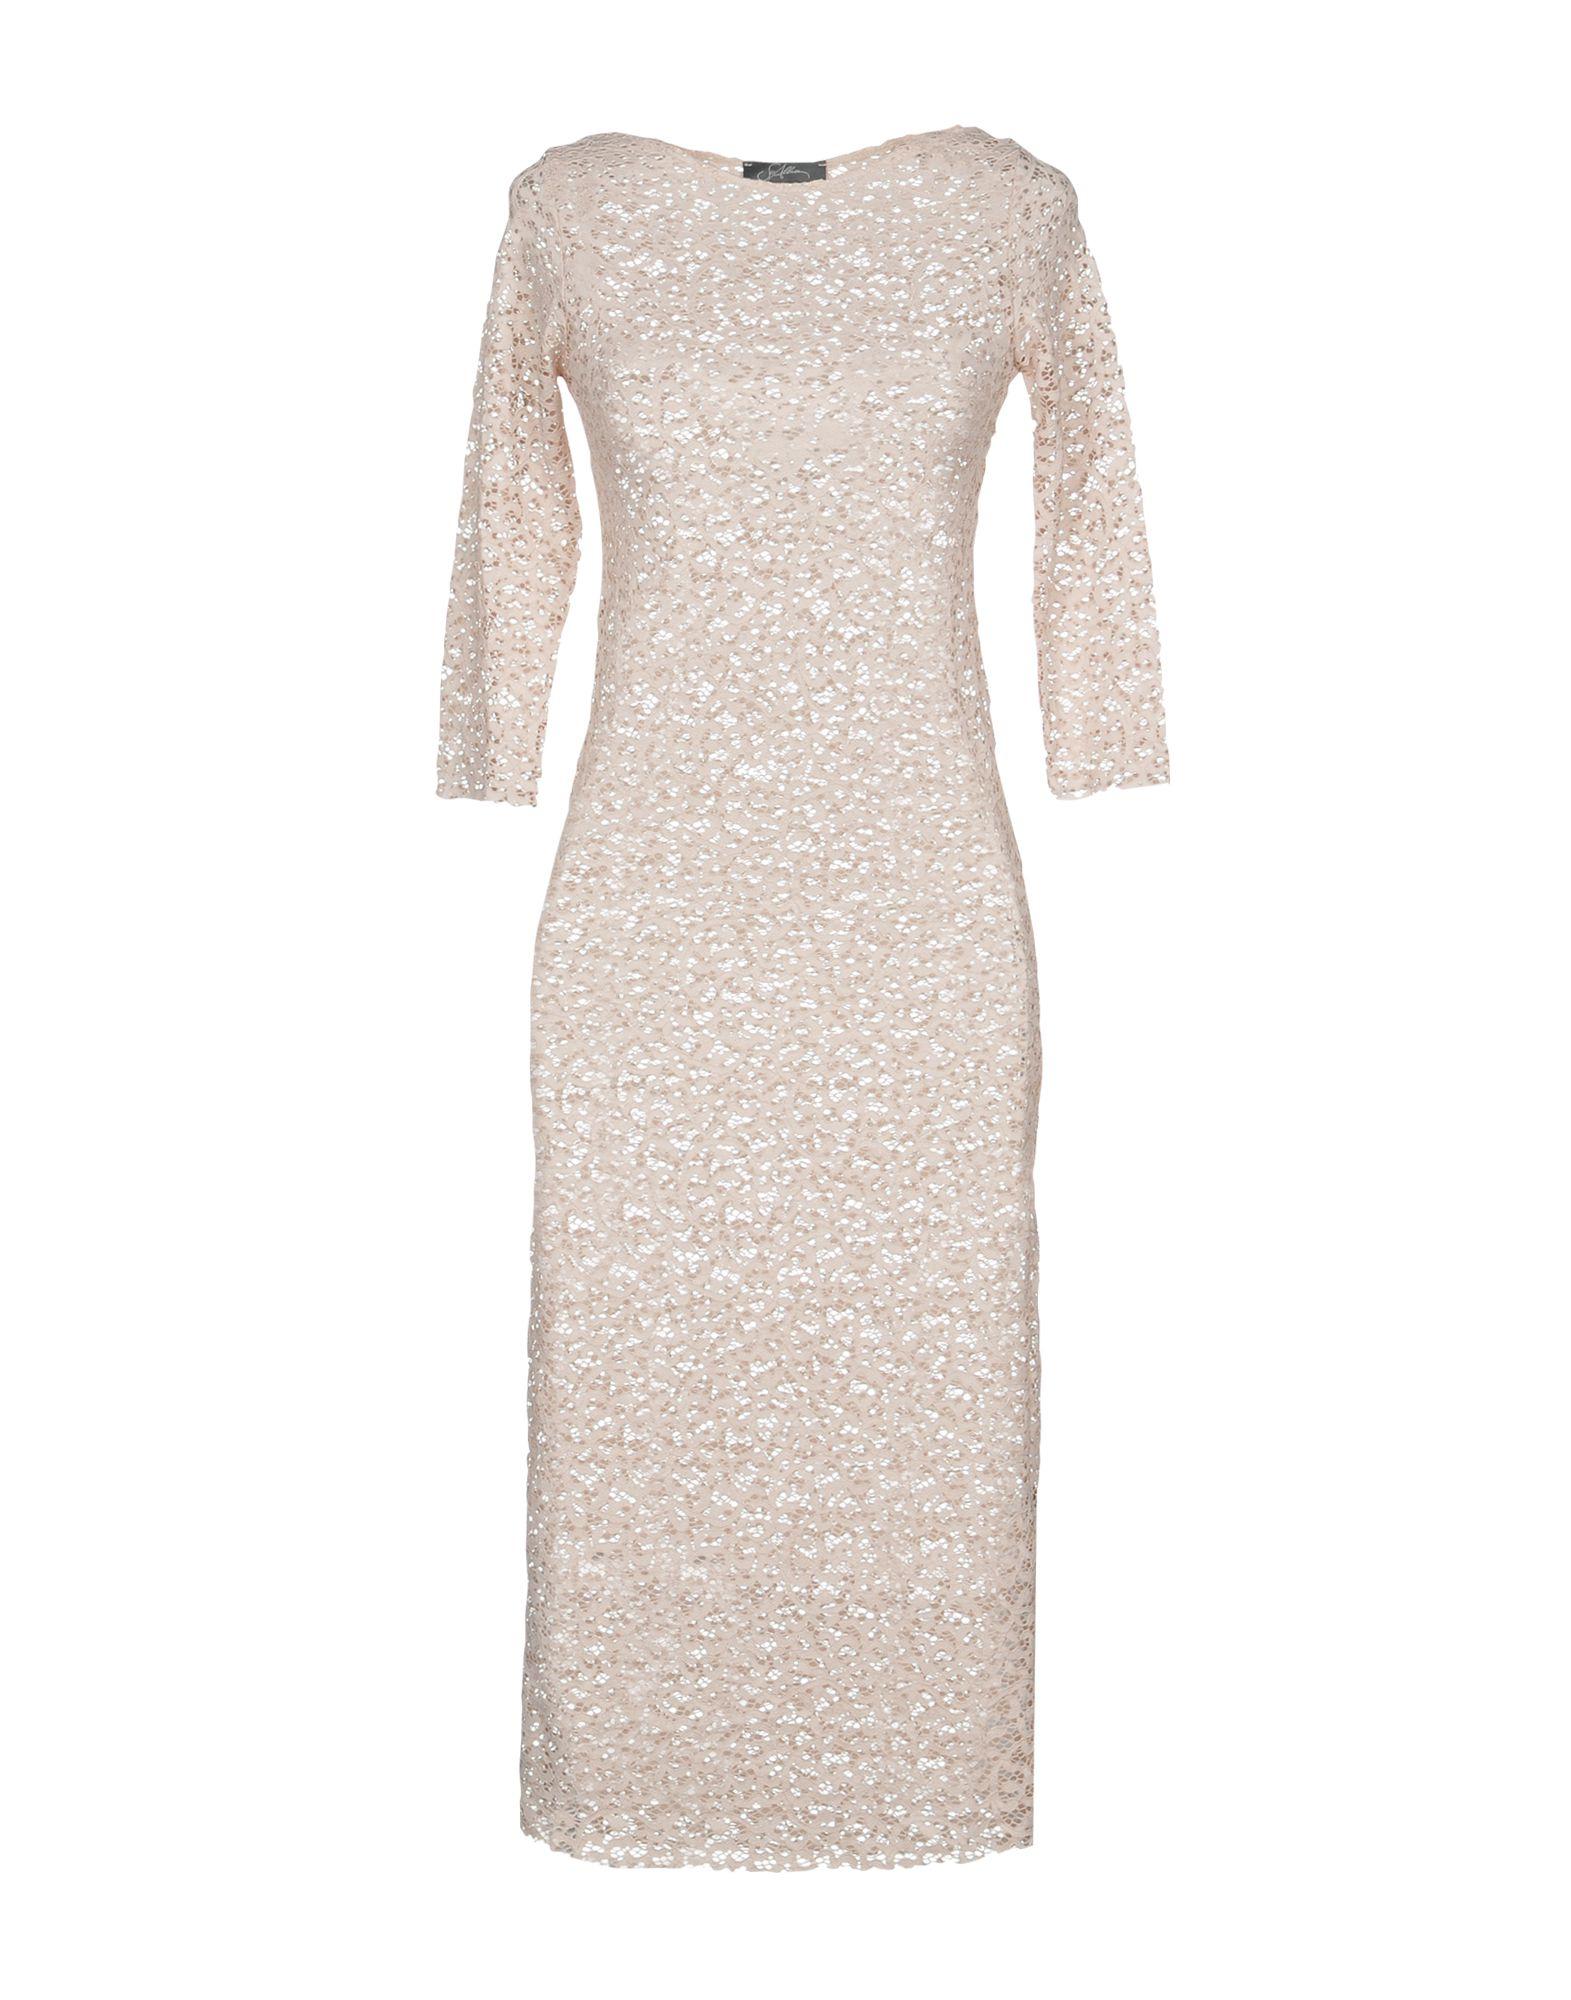 SOALLURE Платье длиной 3/4 лента кромочная 10м дуб светлый